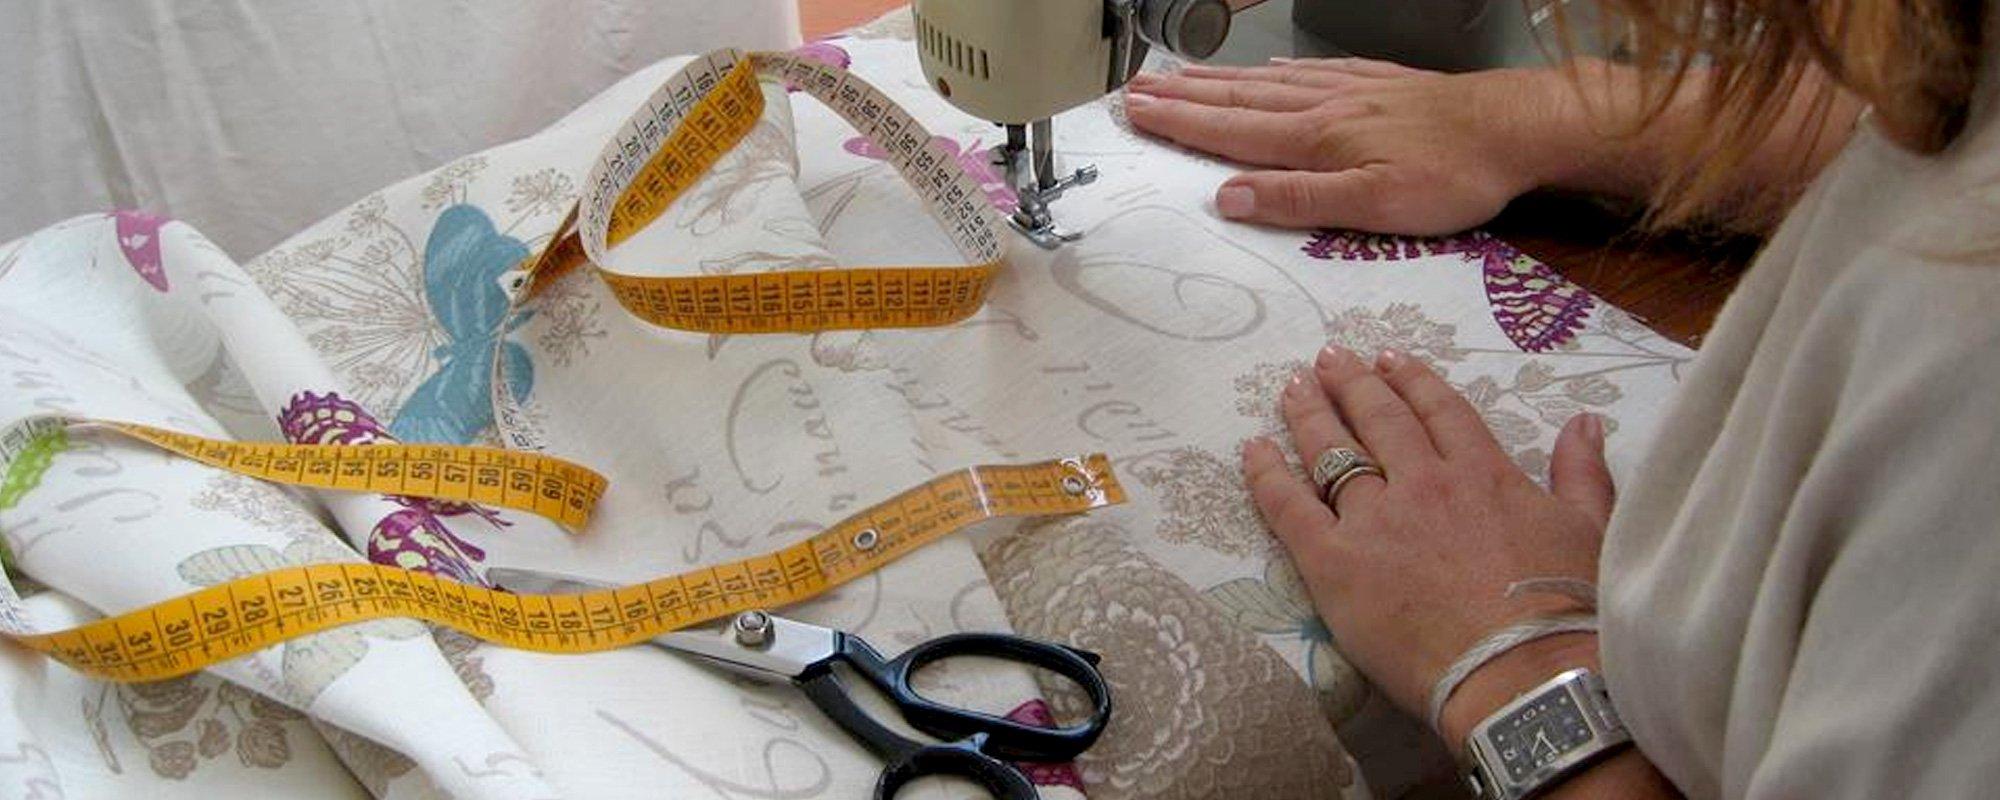 La sarta mentre cuce